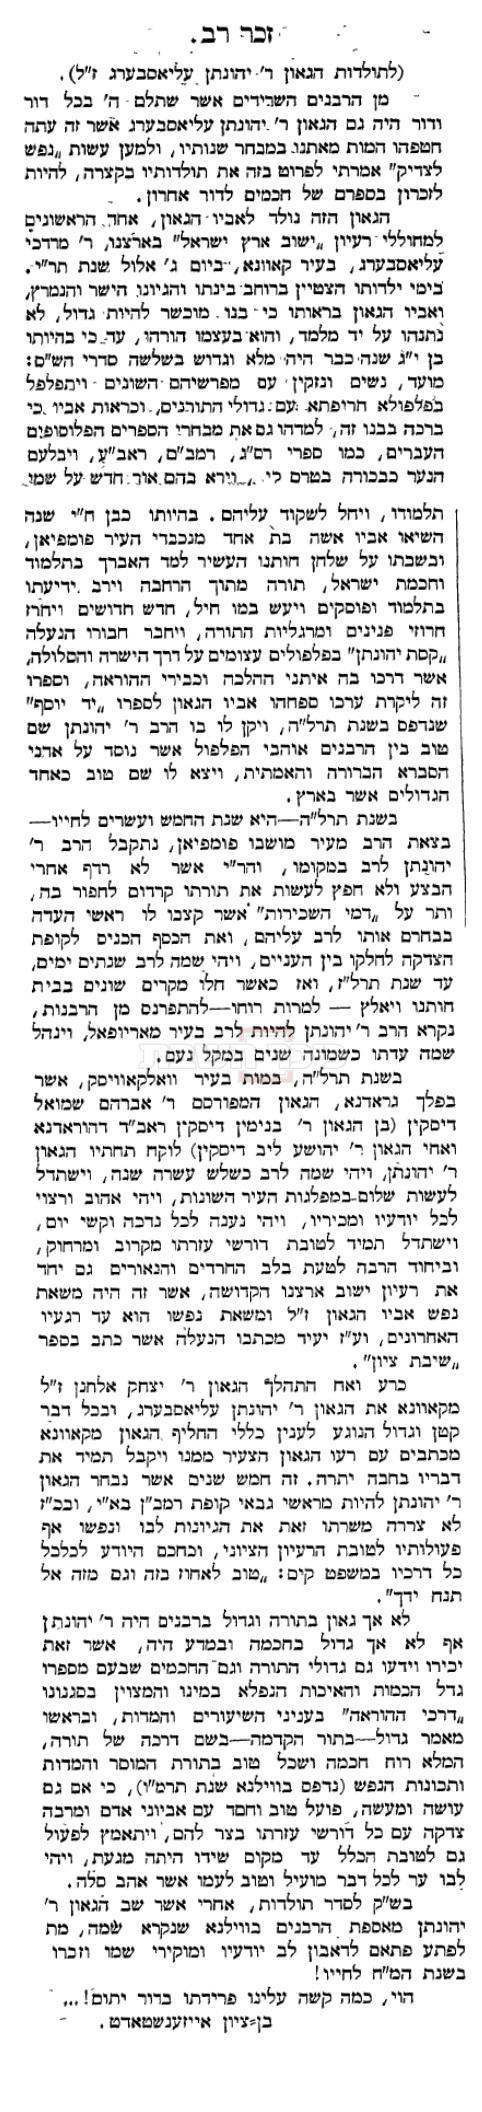 גזיר עיתון המתאר את פטירתו של הרב עליאשברג